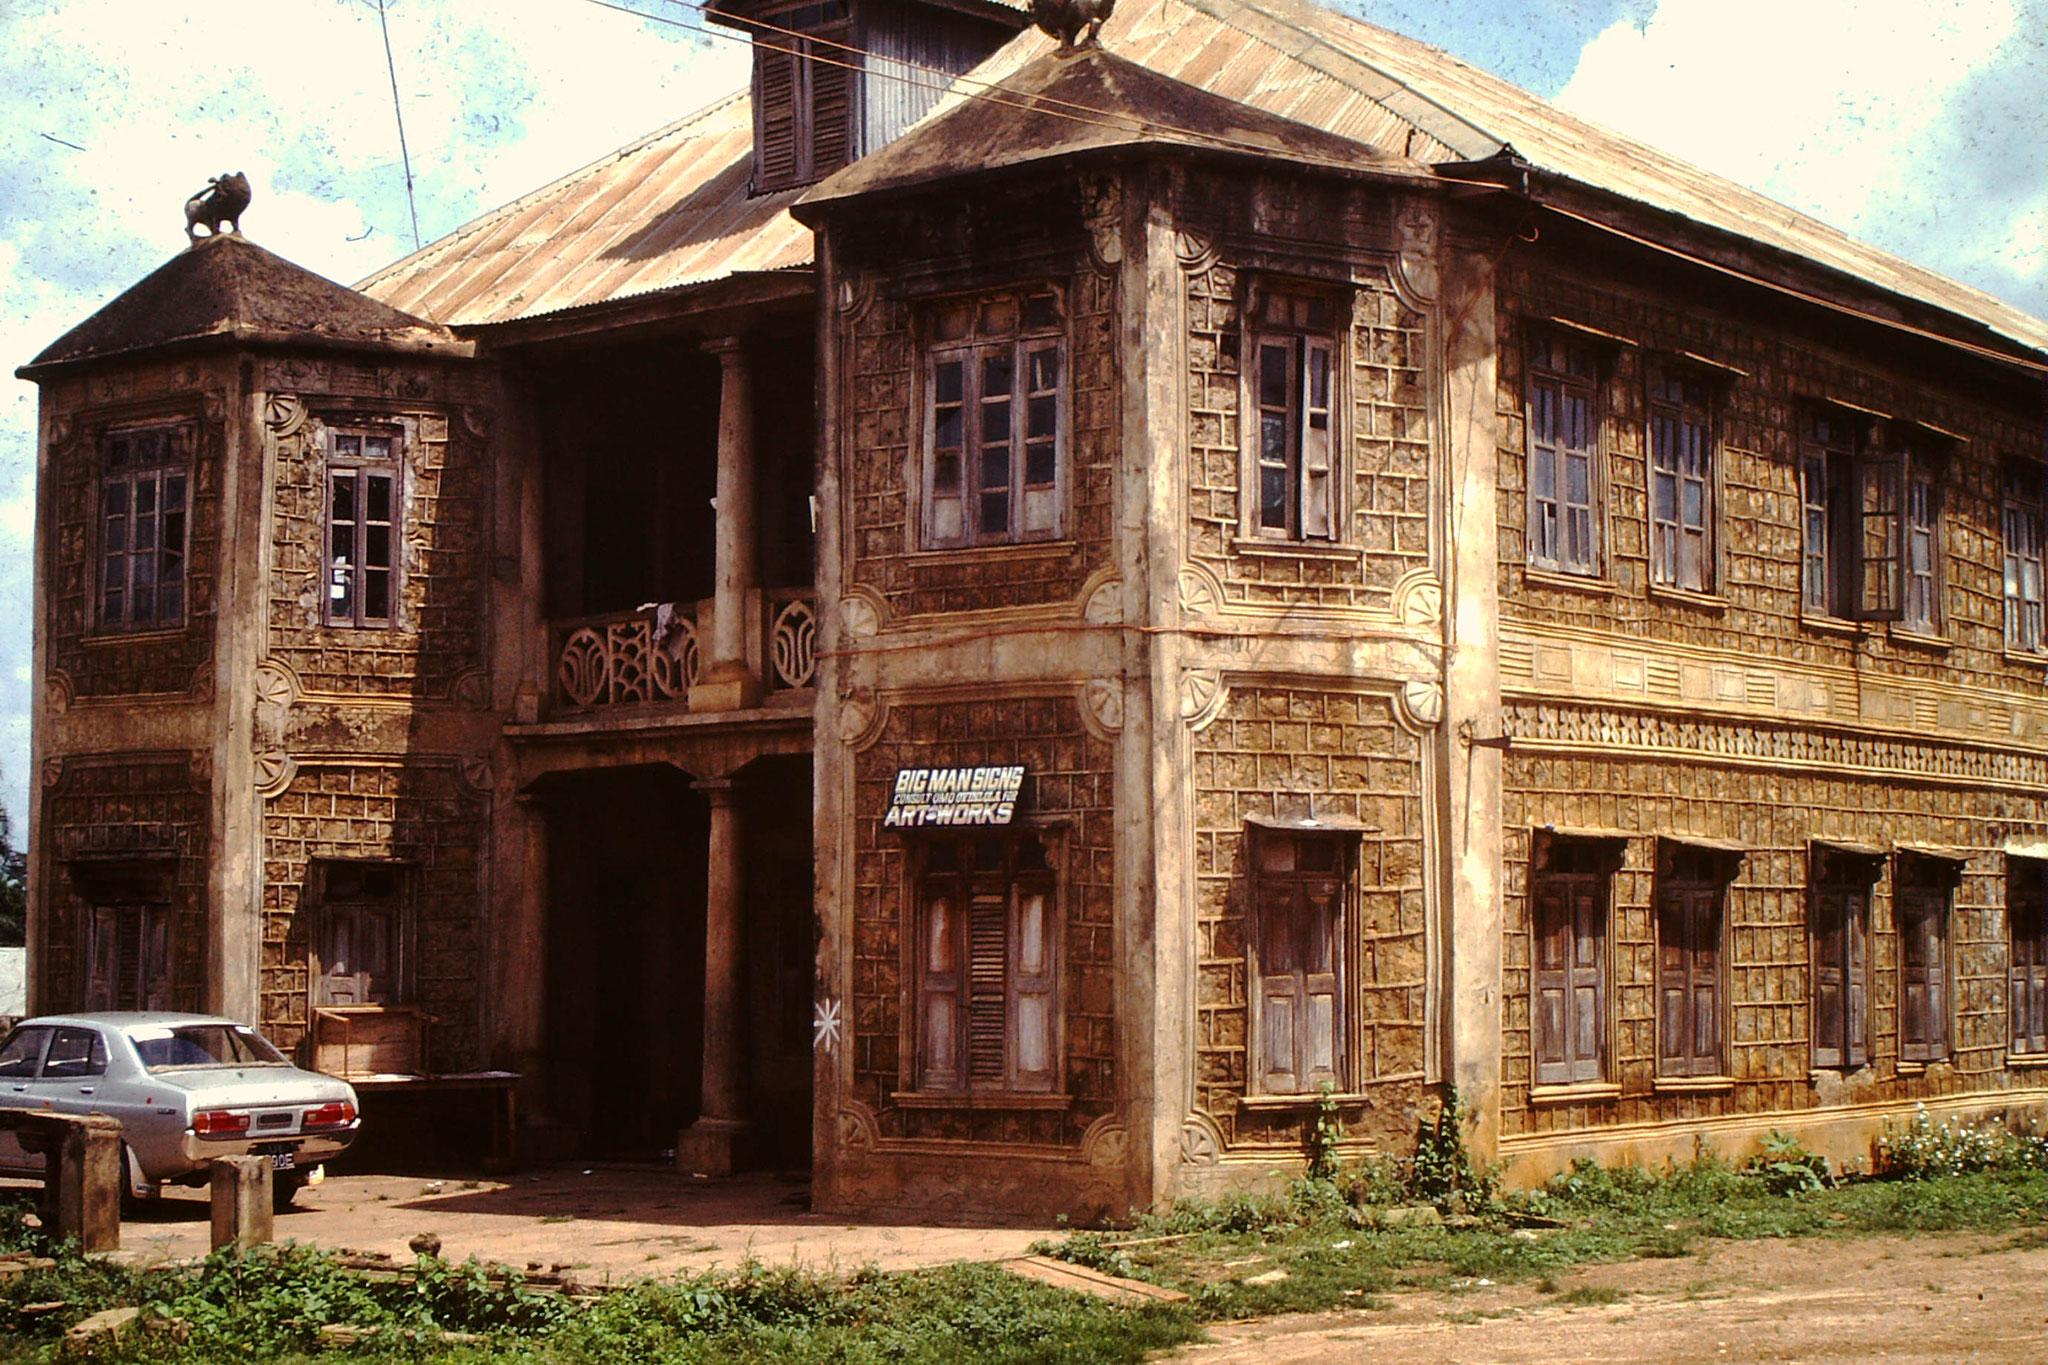 Haus aus der Kolonialzeit in der Bucht von Biafra.